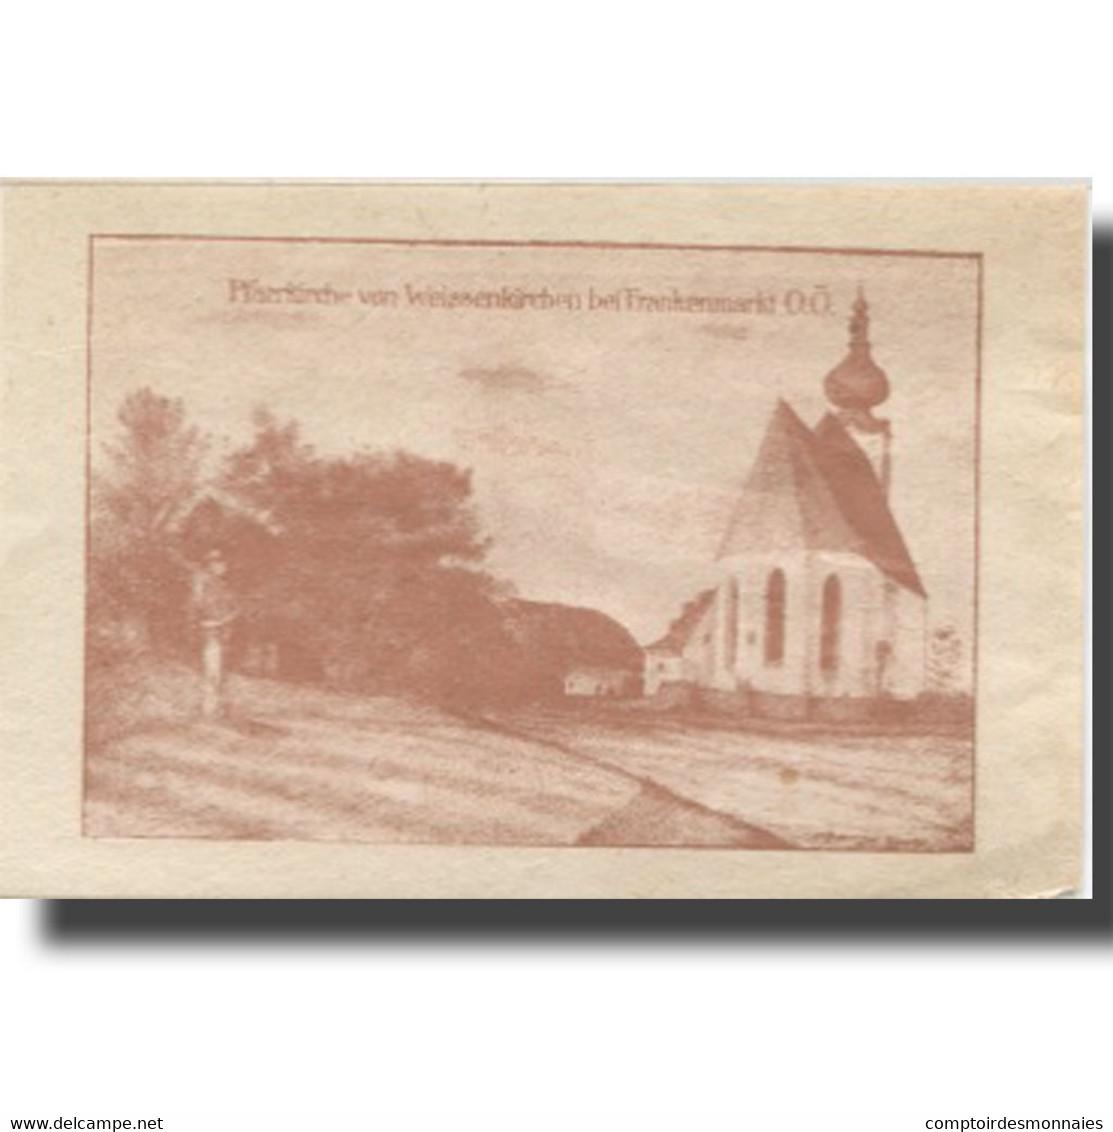 Billet, Autriche, Weissenkirchen, 10 Heller, Personnage, 1920 SUP Mehl:FS 1157I - Austria